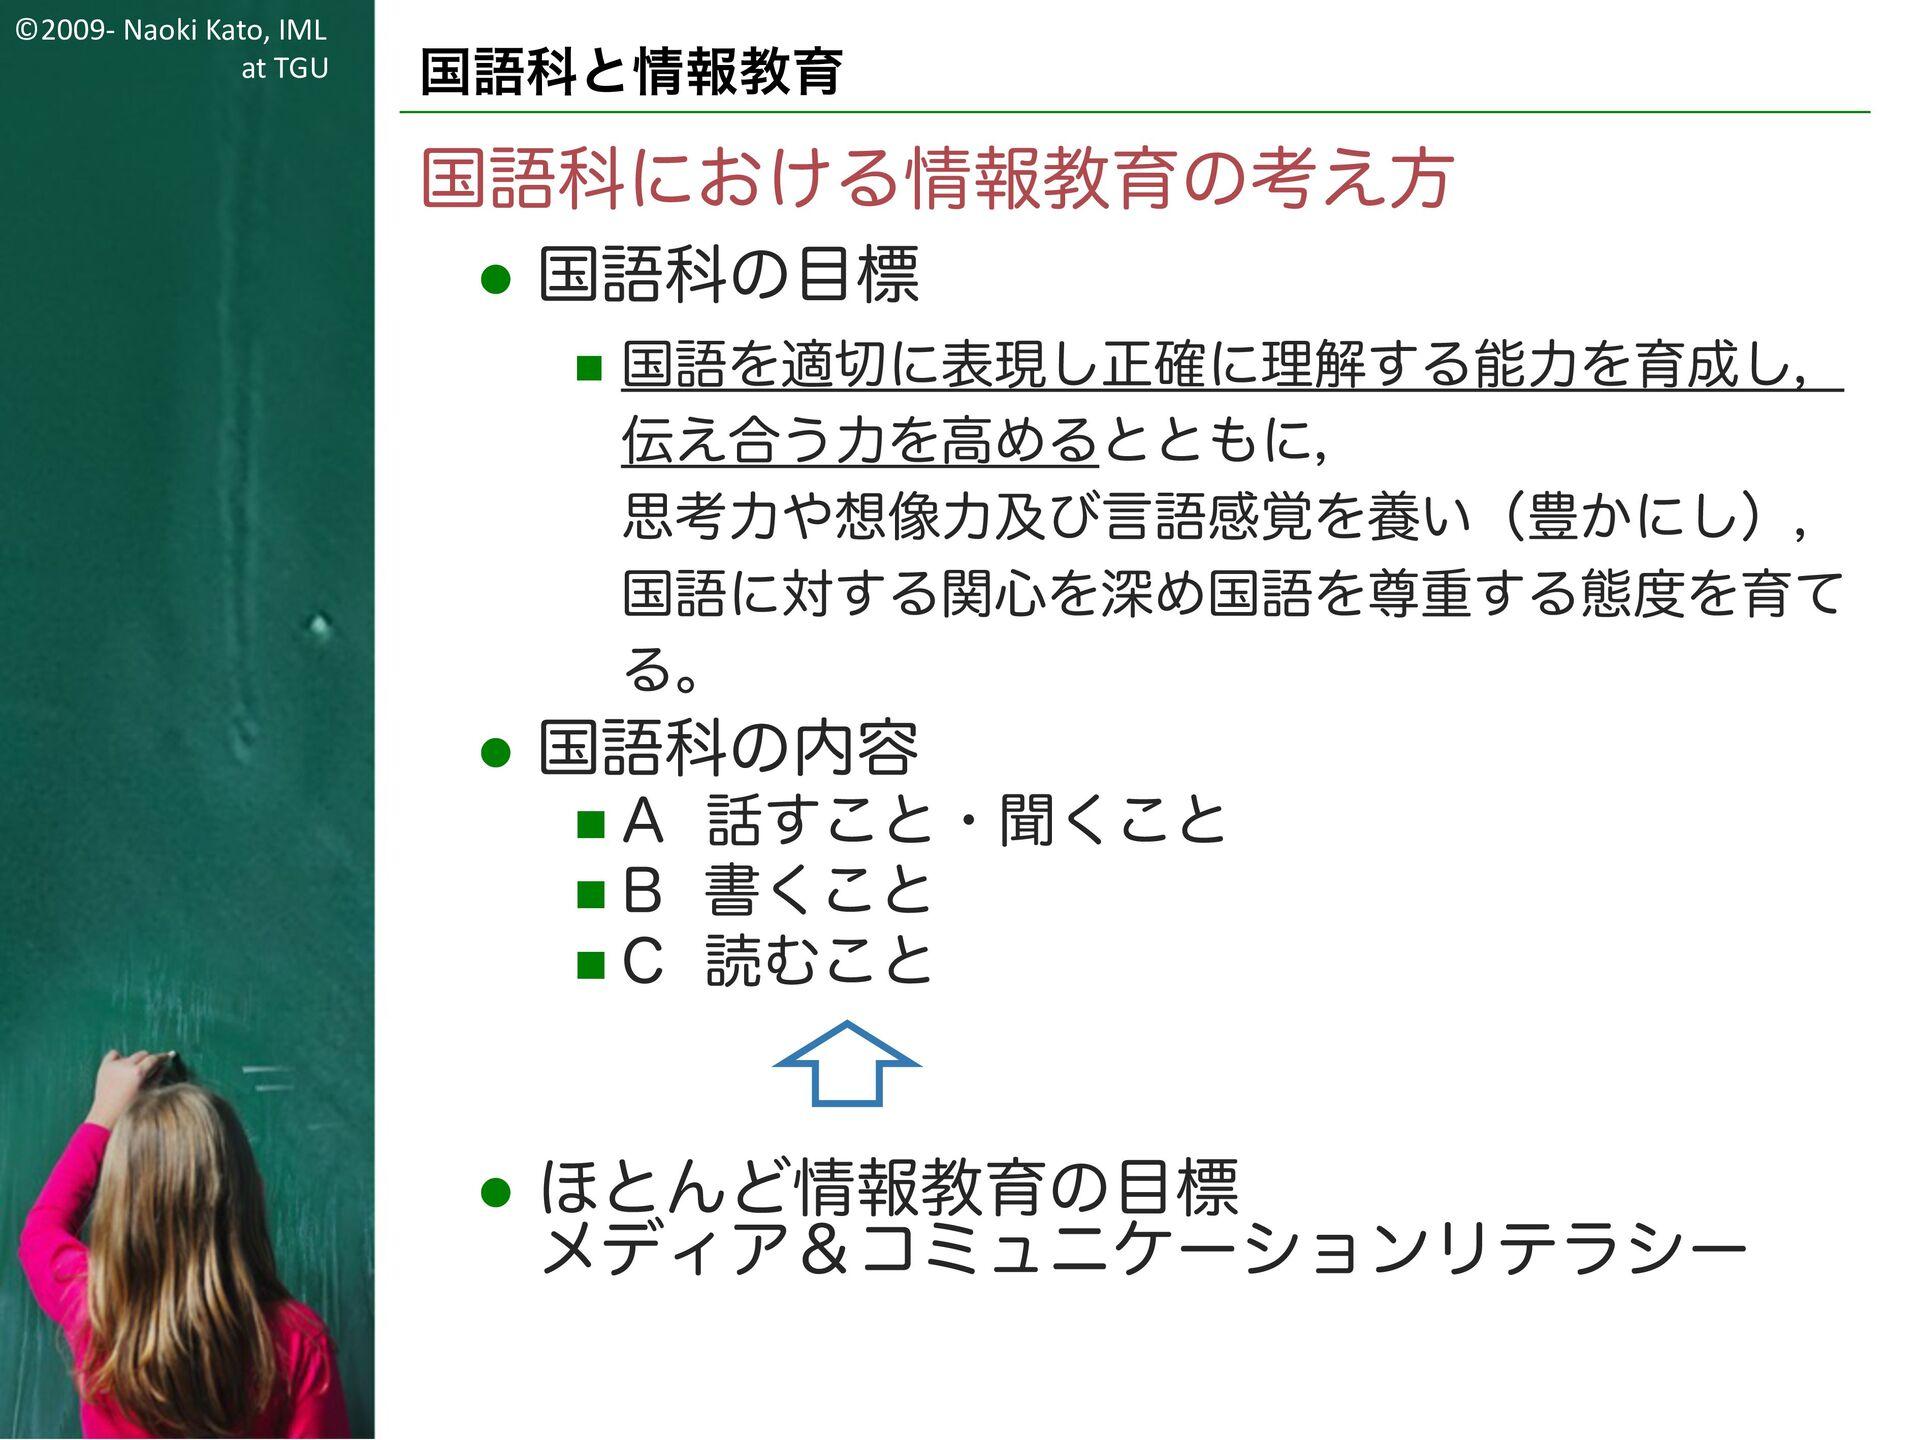 ©2009- Naoki Kato, IML at TGU 新学習指導要領へ 情報活用能力の育...